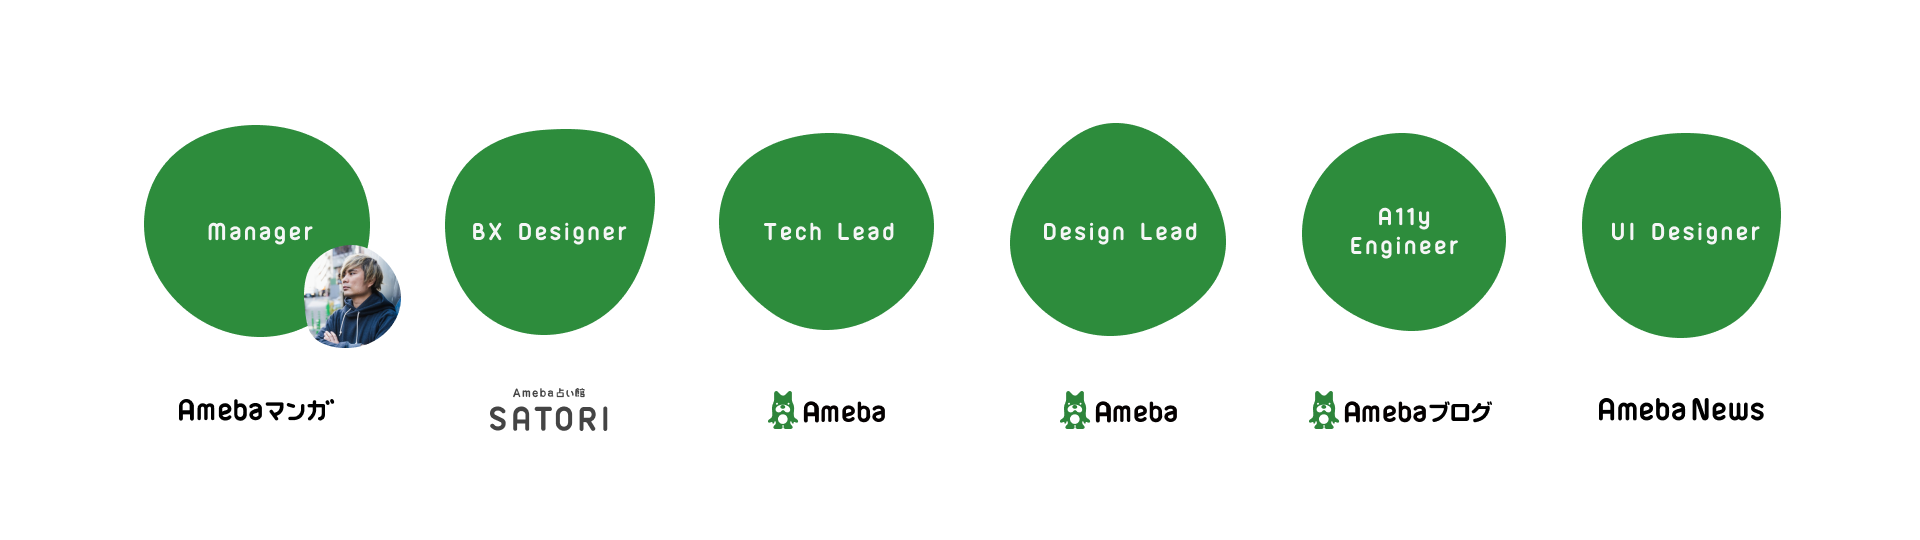 Spindleを運営する中心メンバーとして、マネージャーとBXデザイナー、技術基盤のテックリード、デザイン基盤のデザインリード、アクセシビリティエンジニアとUIデザイナーがいる図